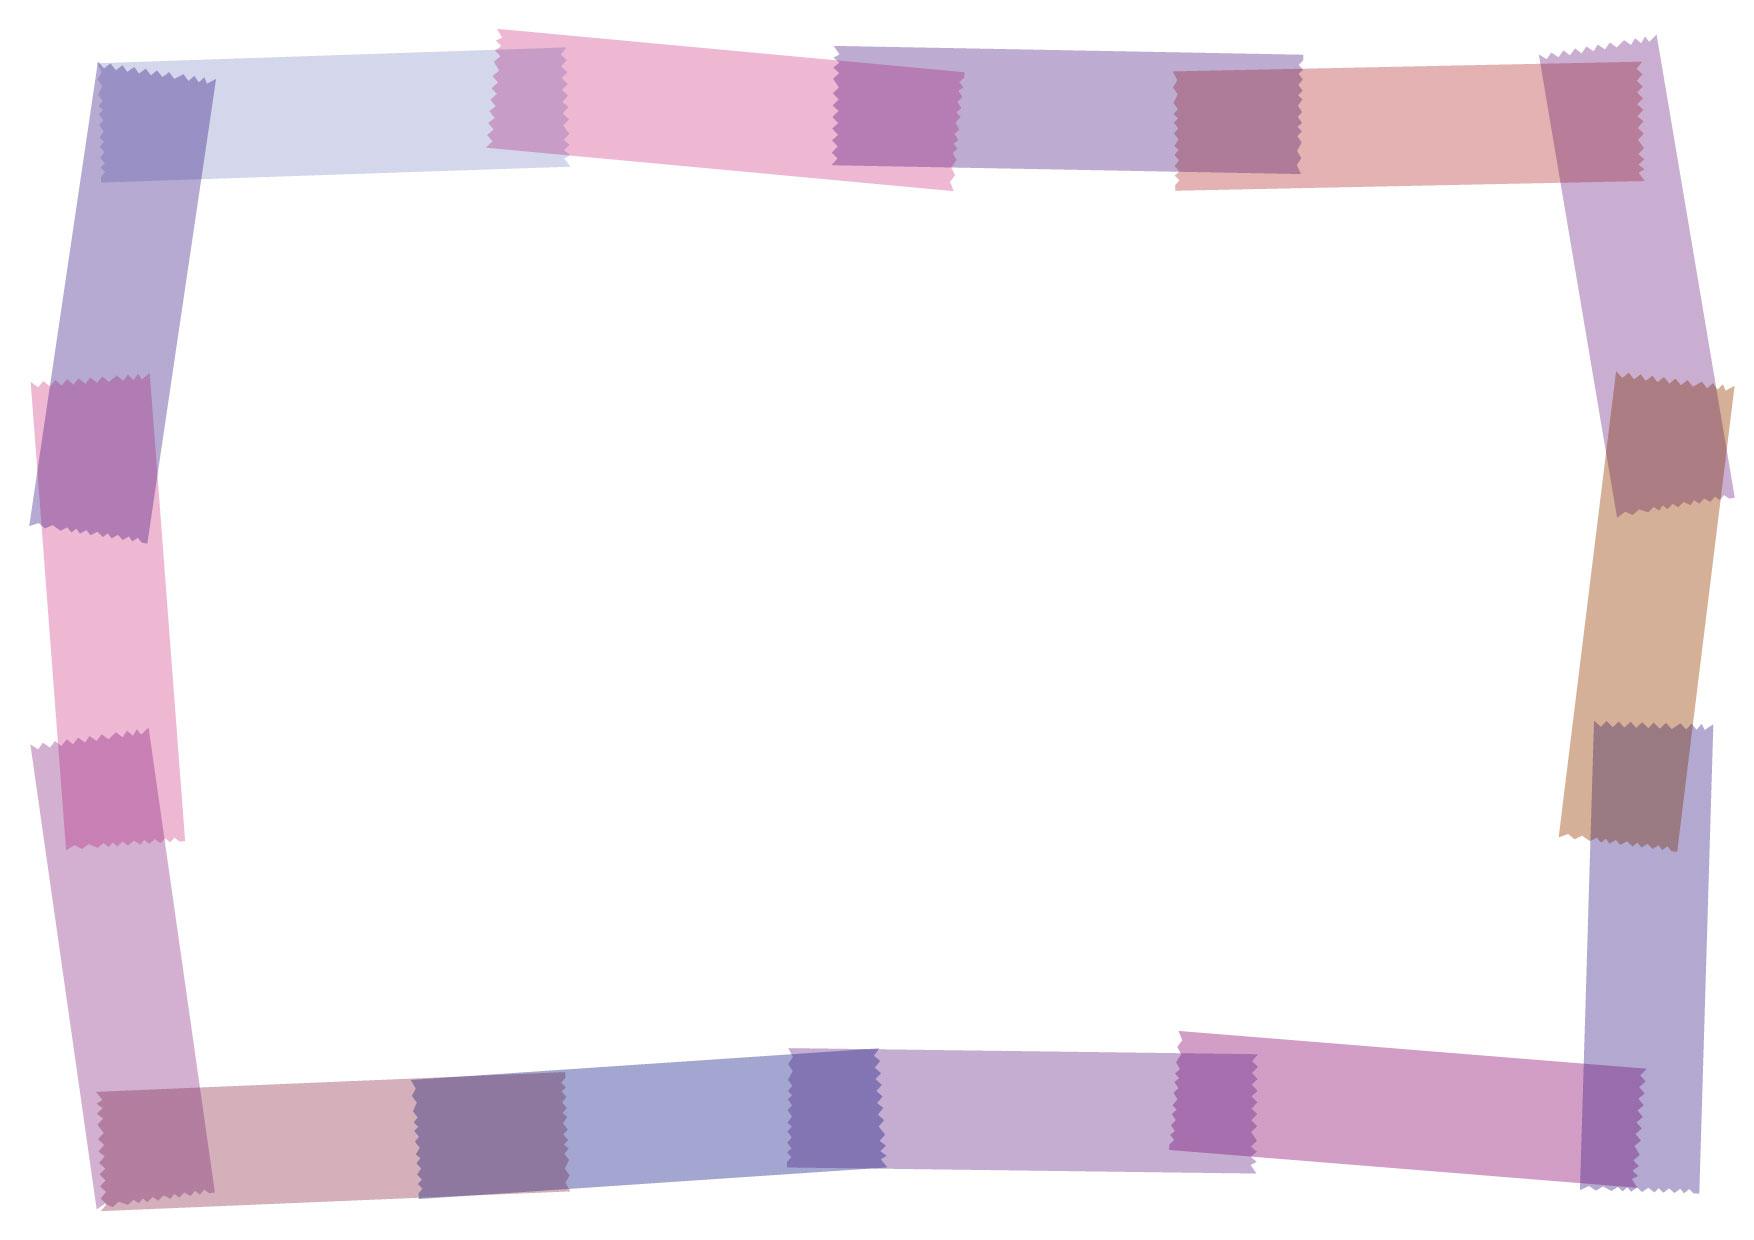 マスキングテープ フレーム 紫 イラスト 無料 | イラストダウンロード